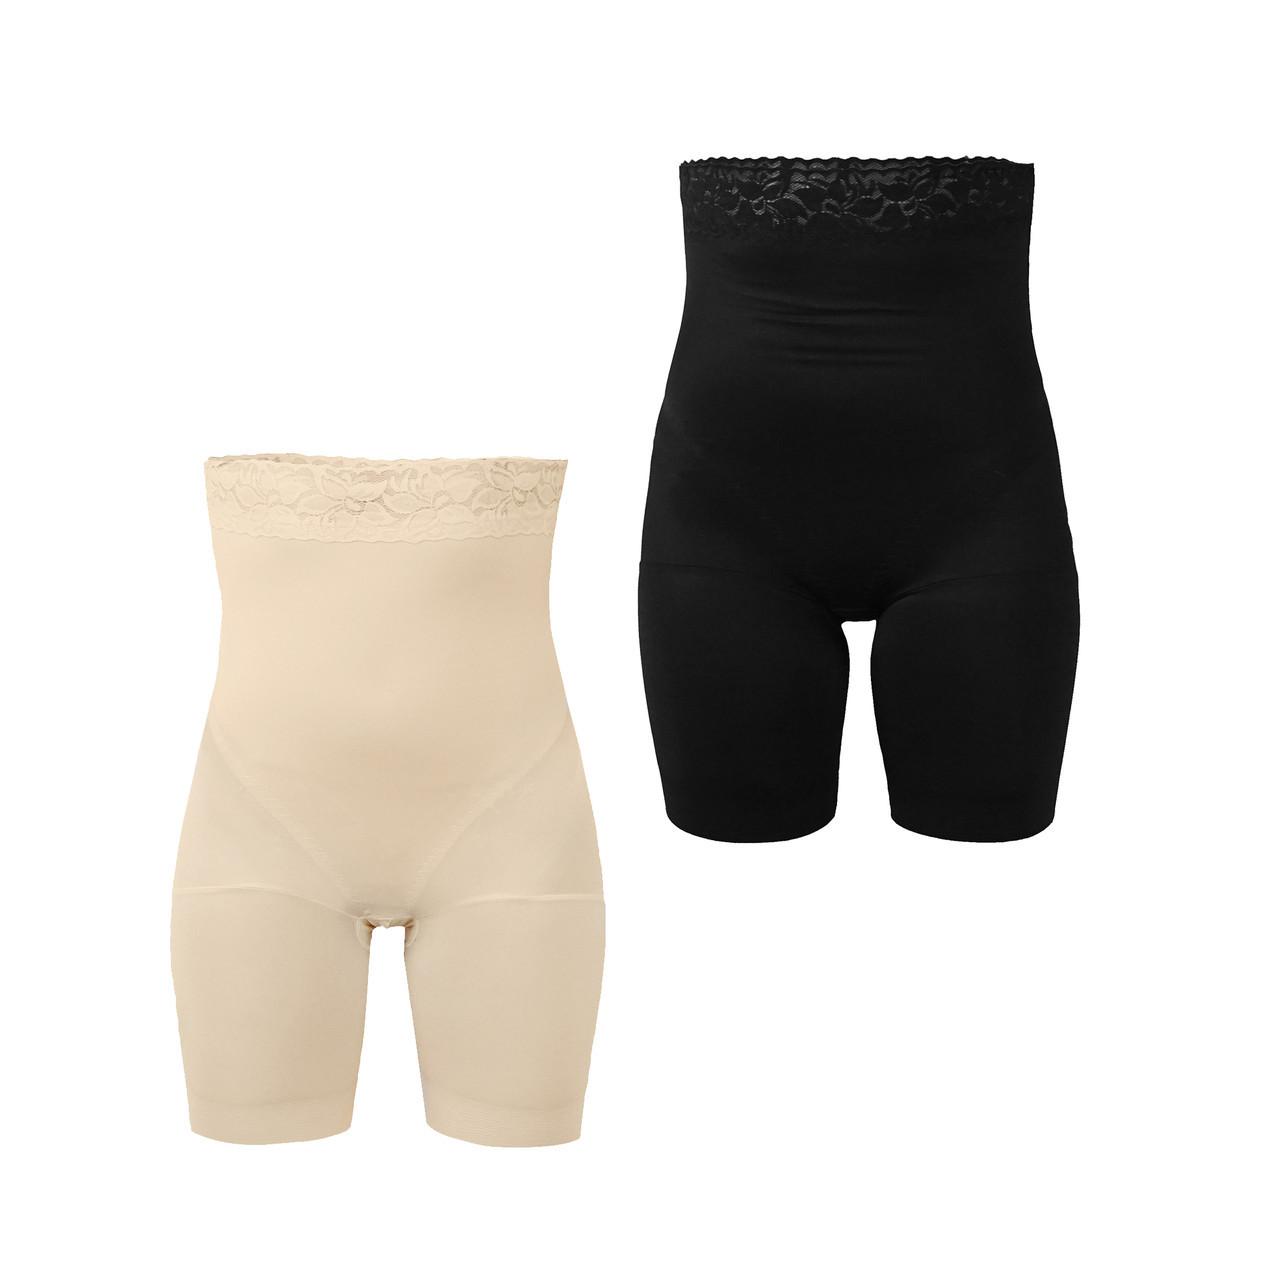 Набор белья для коррекции фигуры (черный и бежевый), размер S